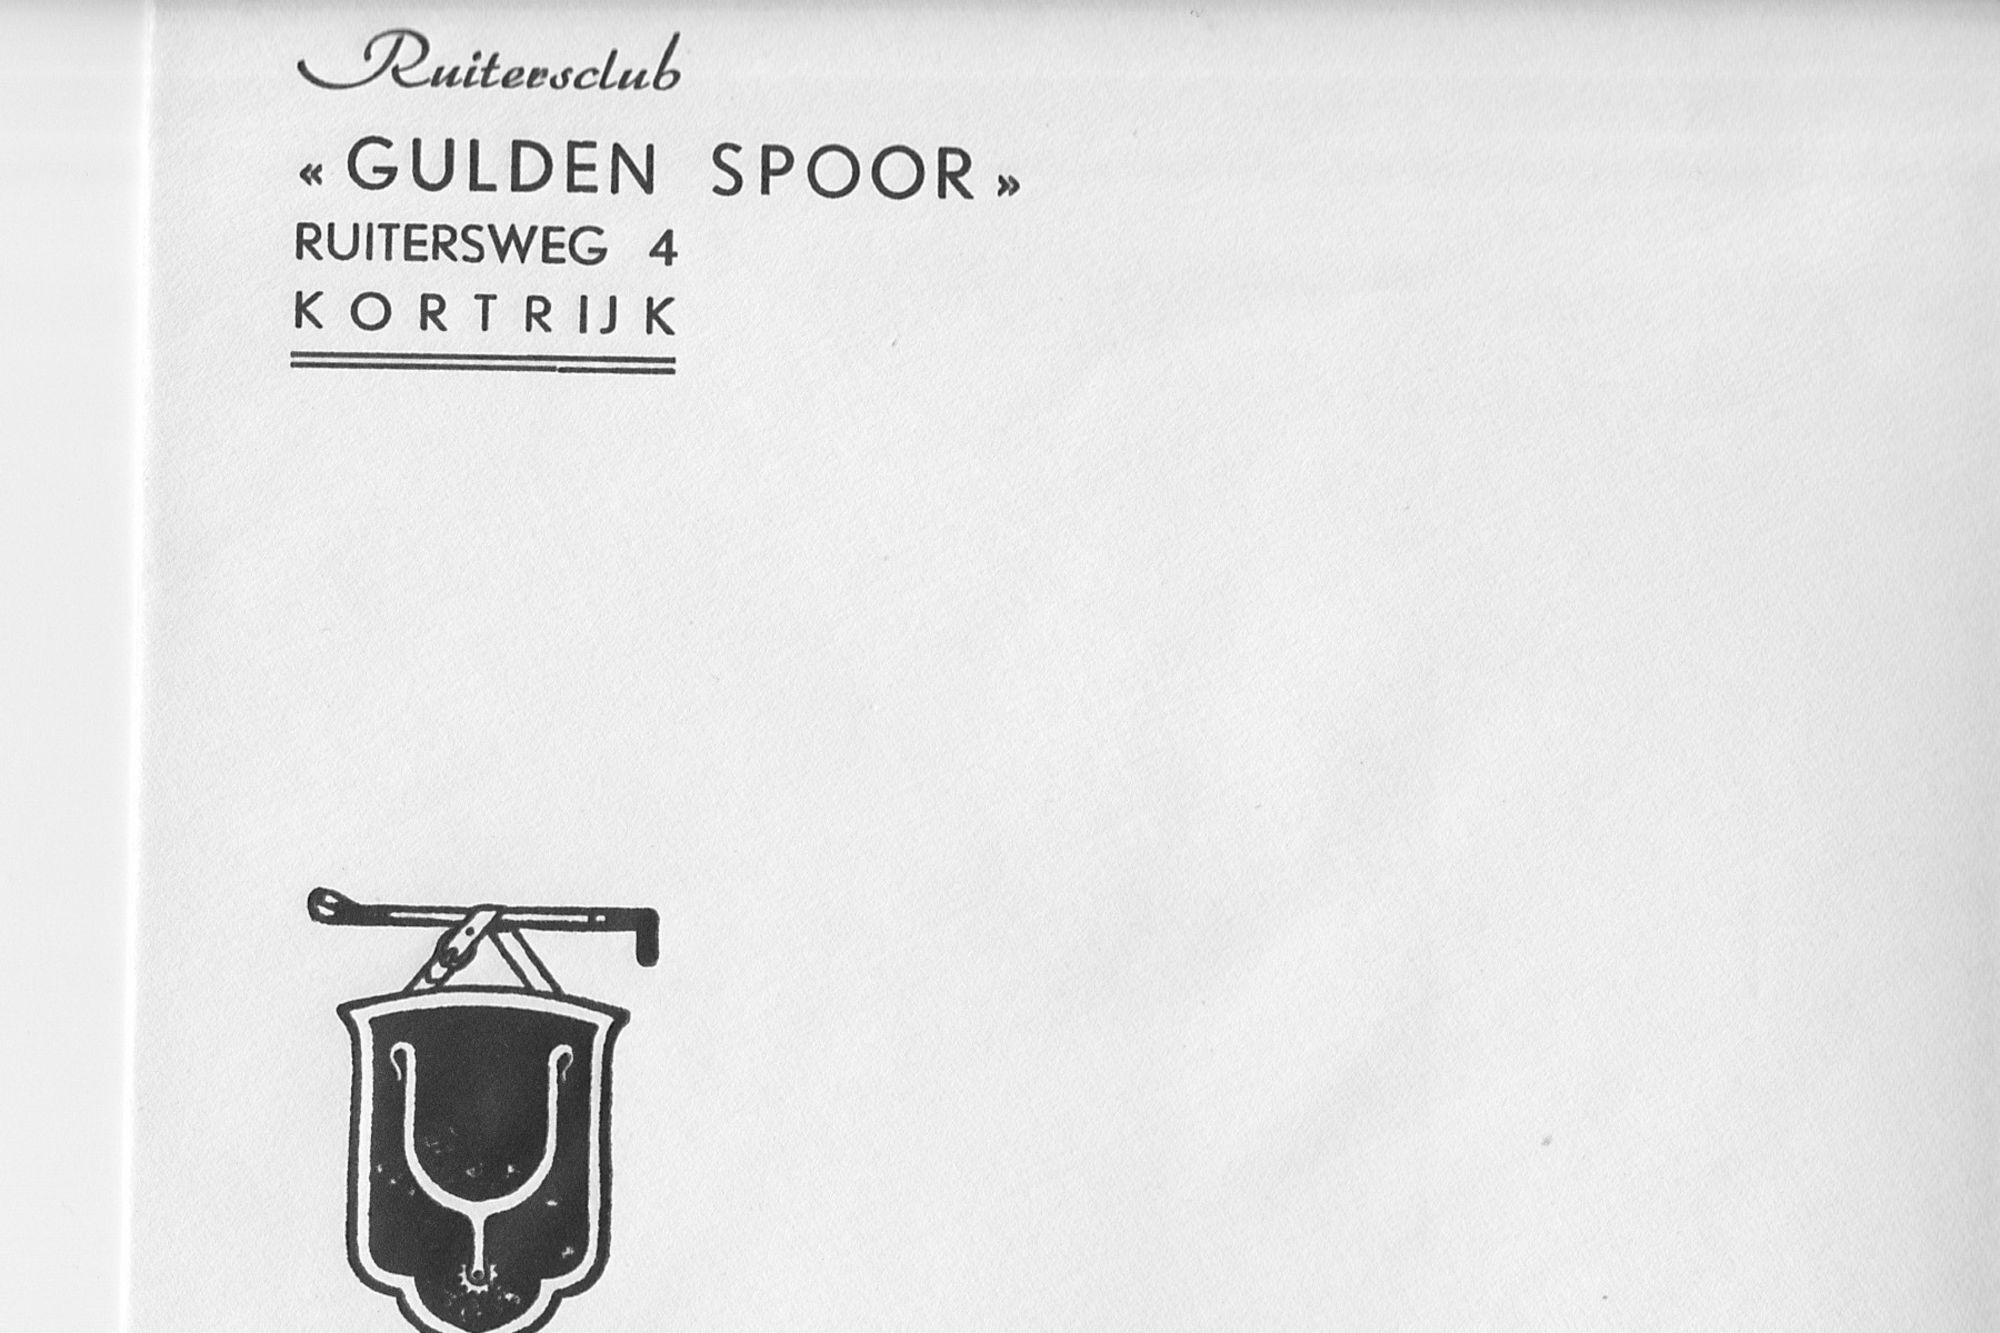 Ruiterclub Gulden Spoor